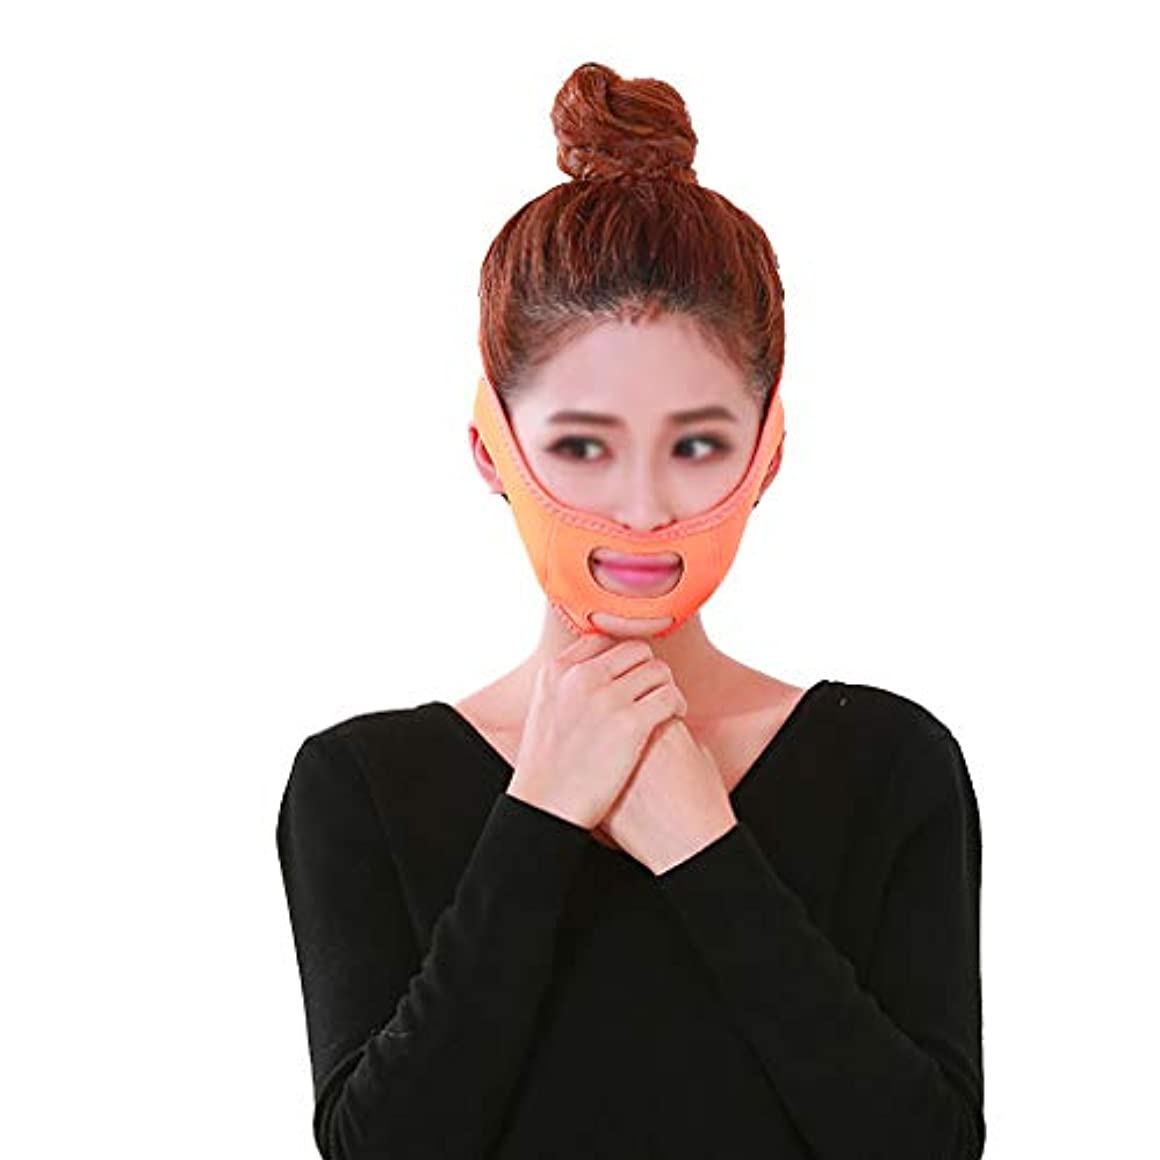 容量アクチュエータ教育フェイスリフトフェイシャル、肌のリラクゼーションを防ぐVフェイスマスクVフェイスアーチファクトフェイスリフト包帯フェイスケア (Color : Orange)